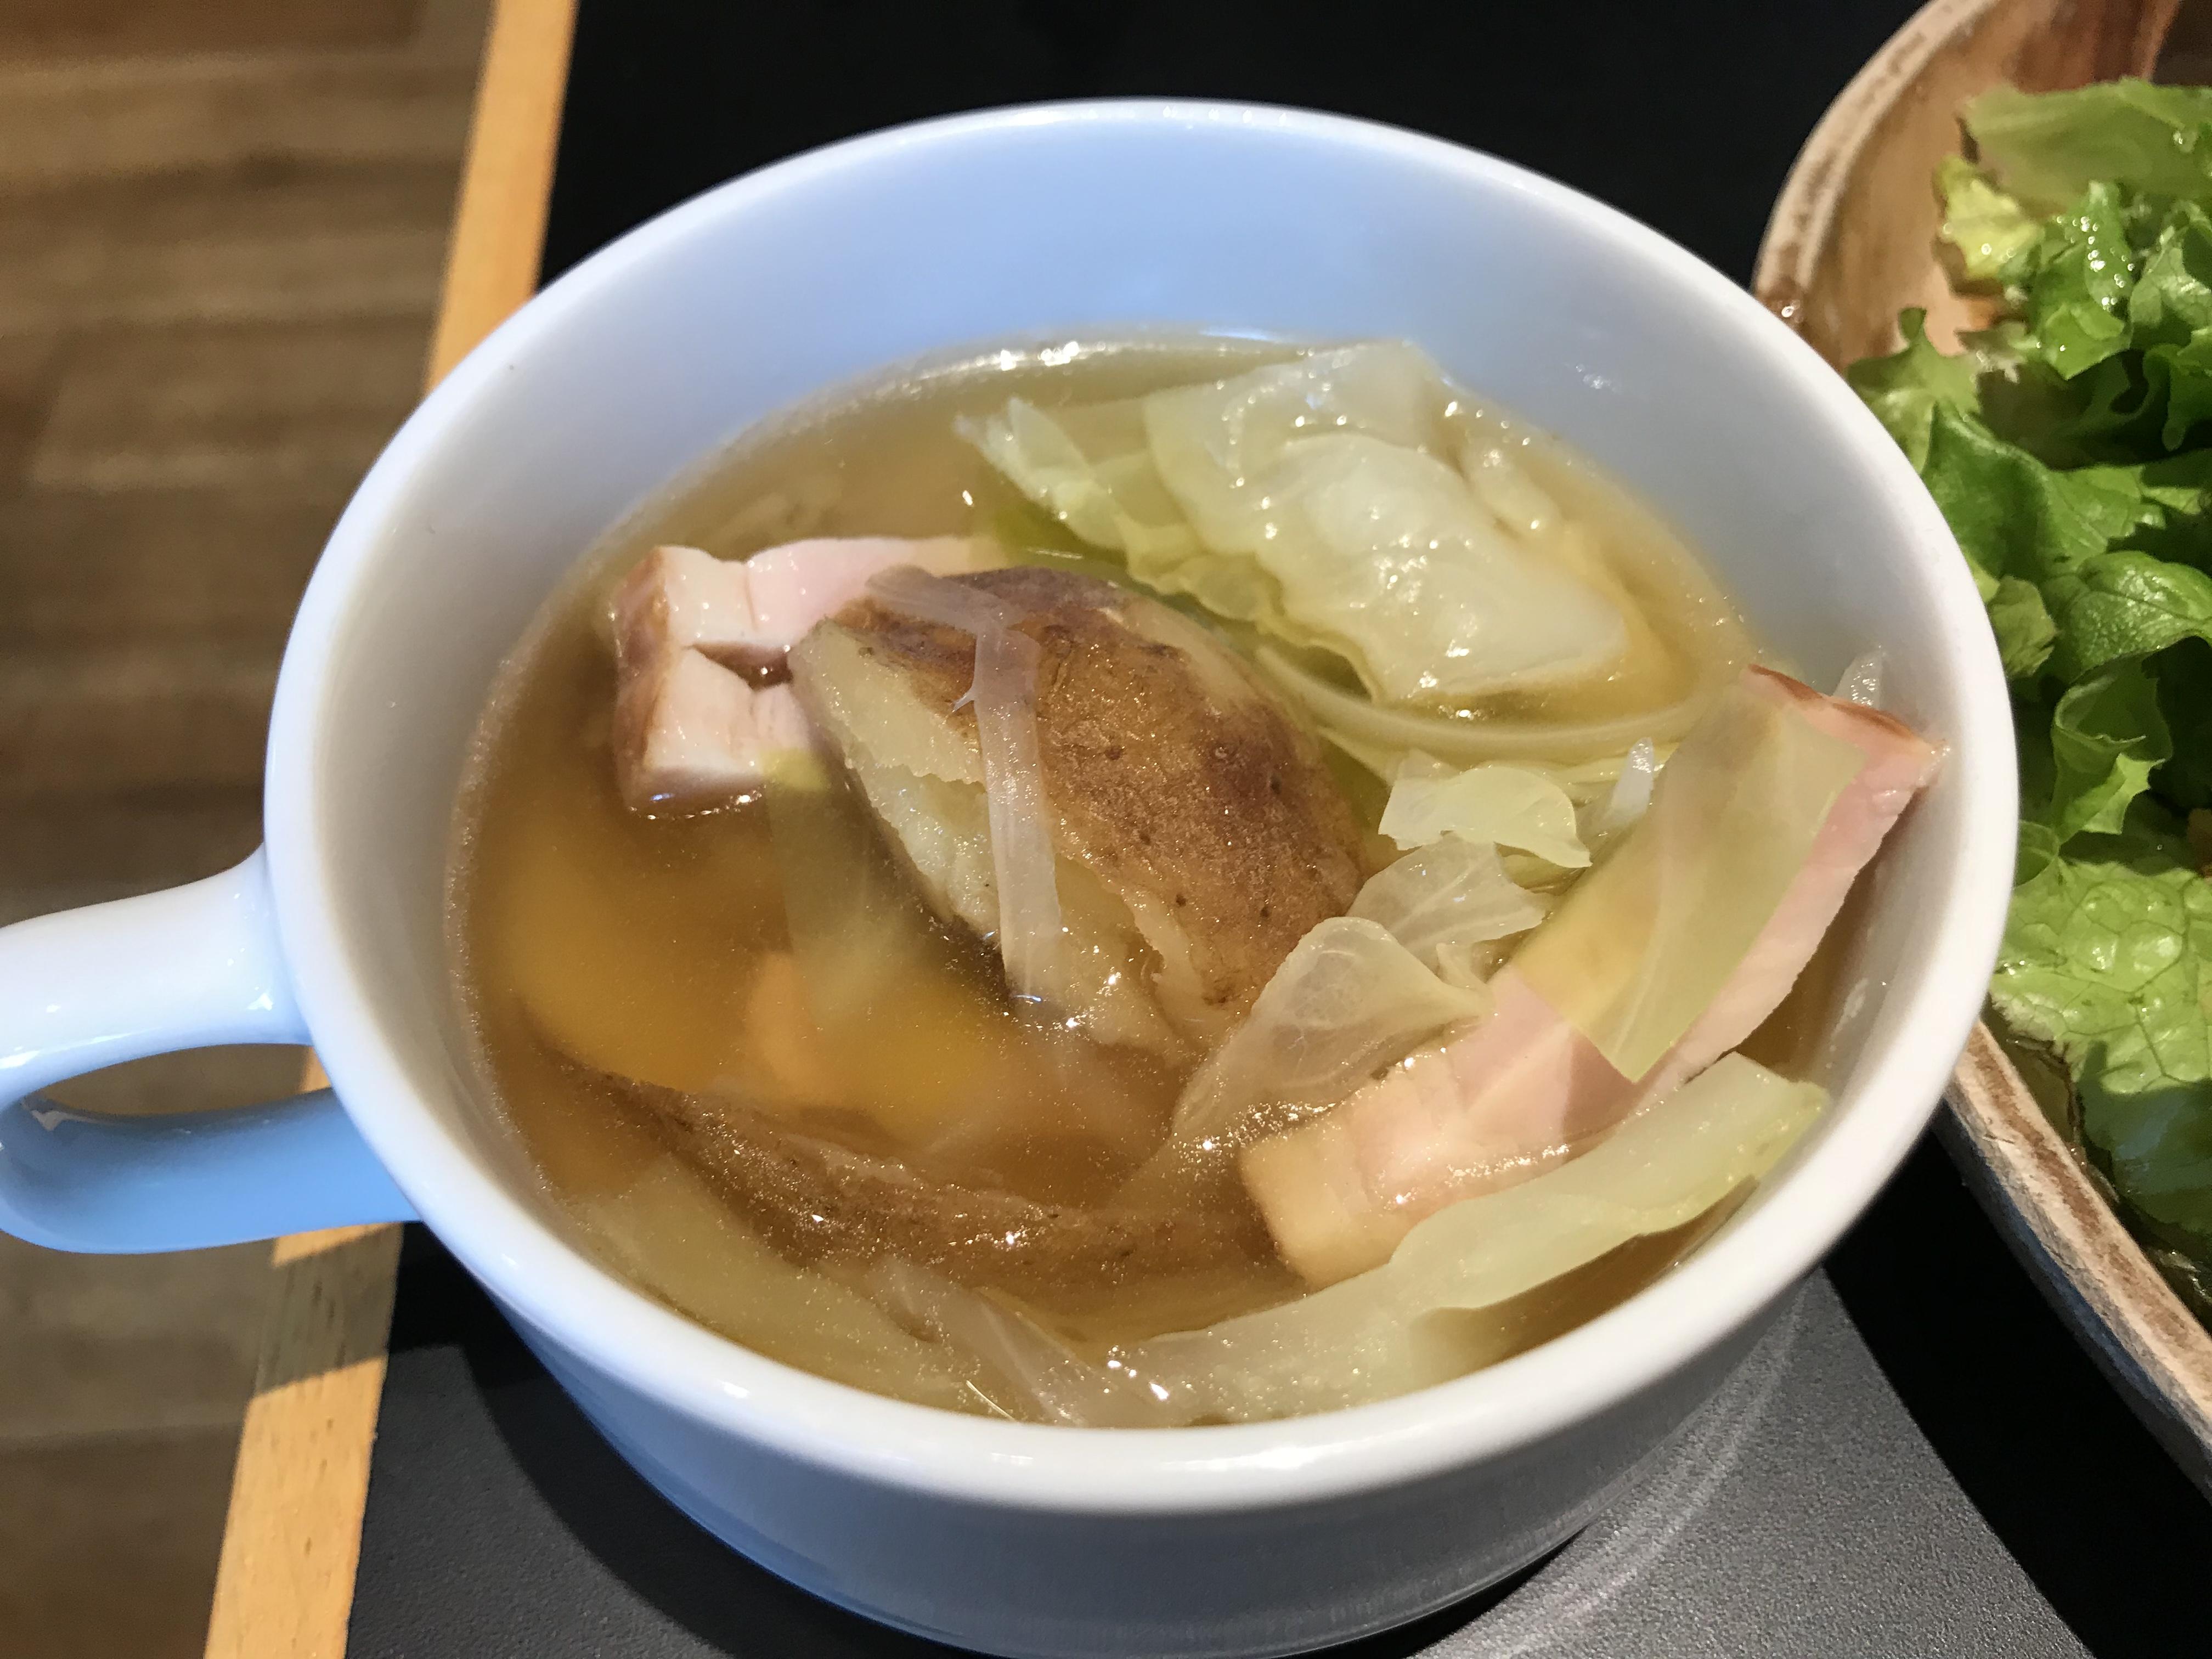 スープもいもが甘くて美味しかった